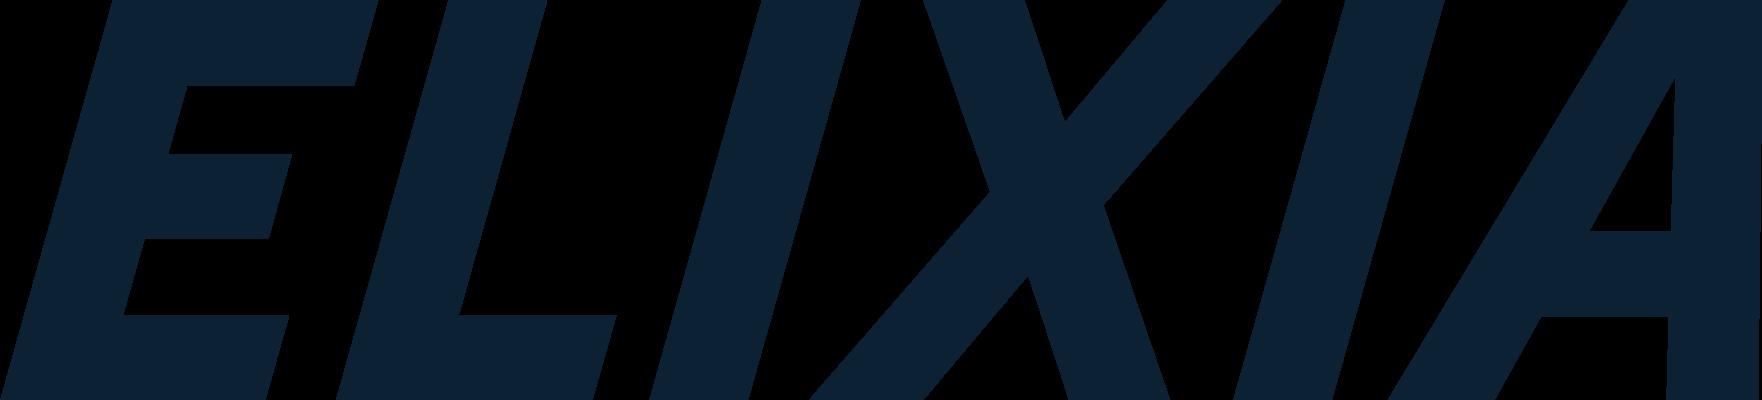 Huhtikuun kisat on nyt  ELIXIA Games